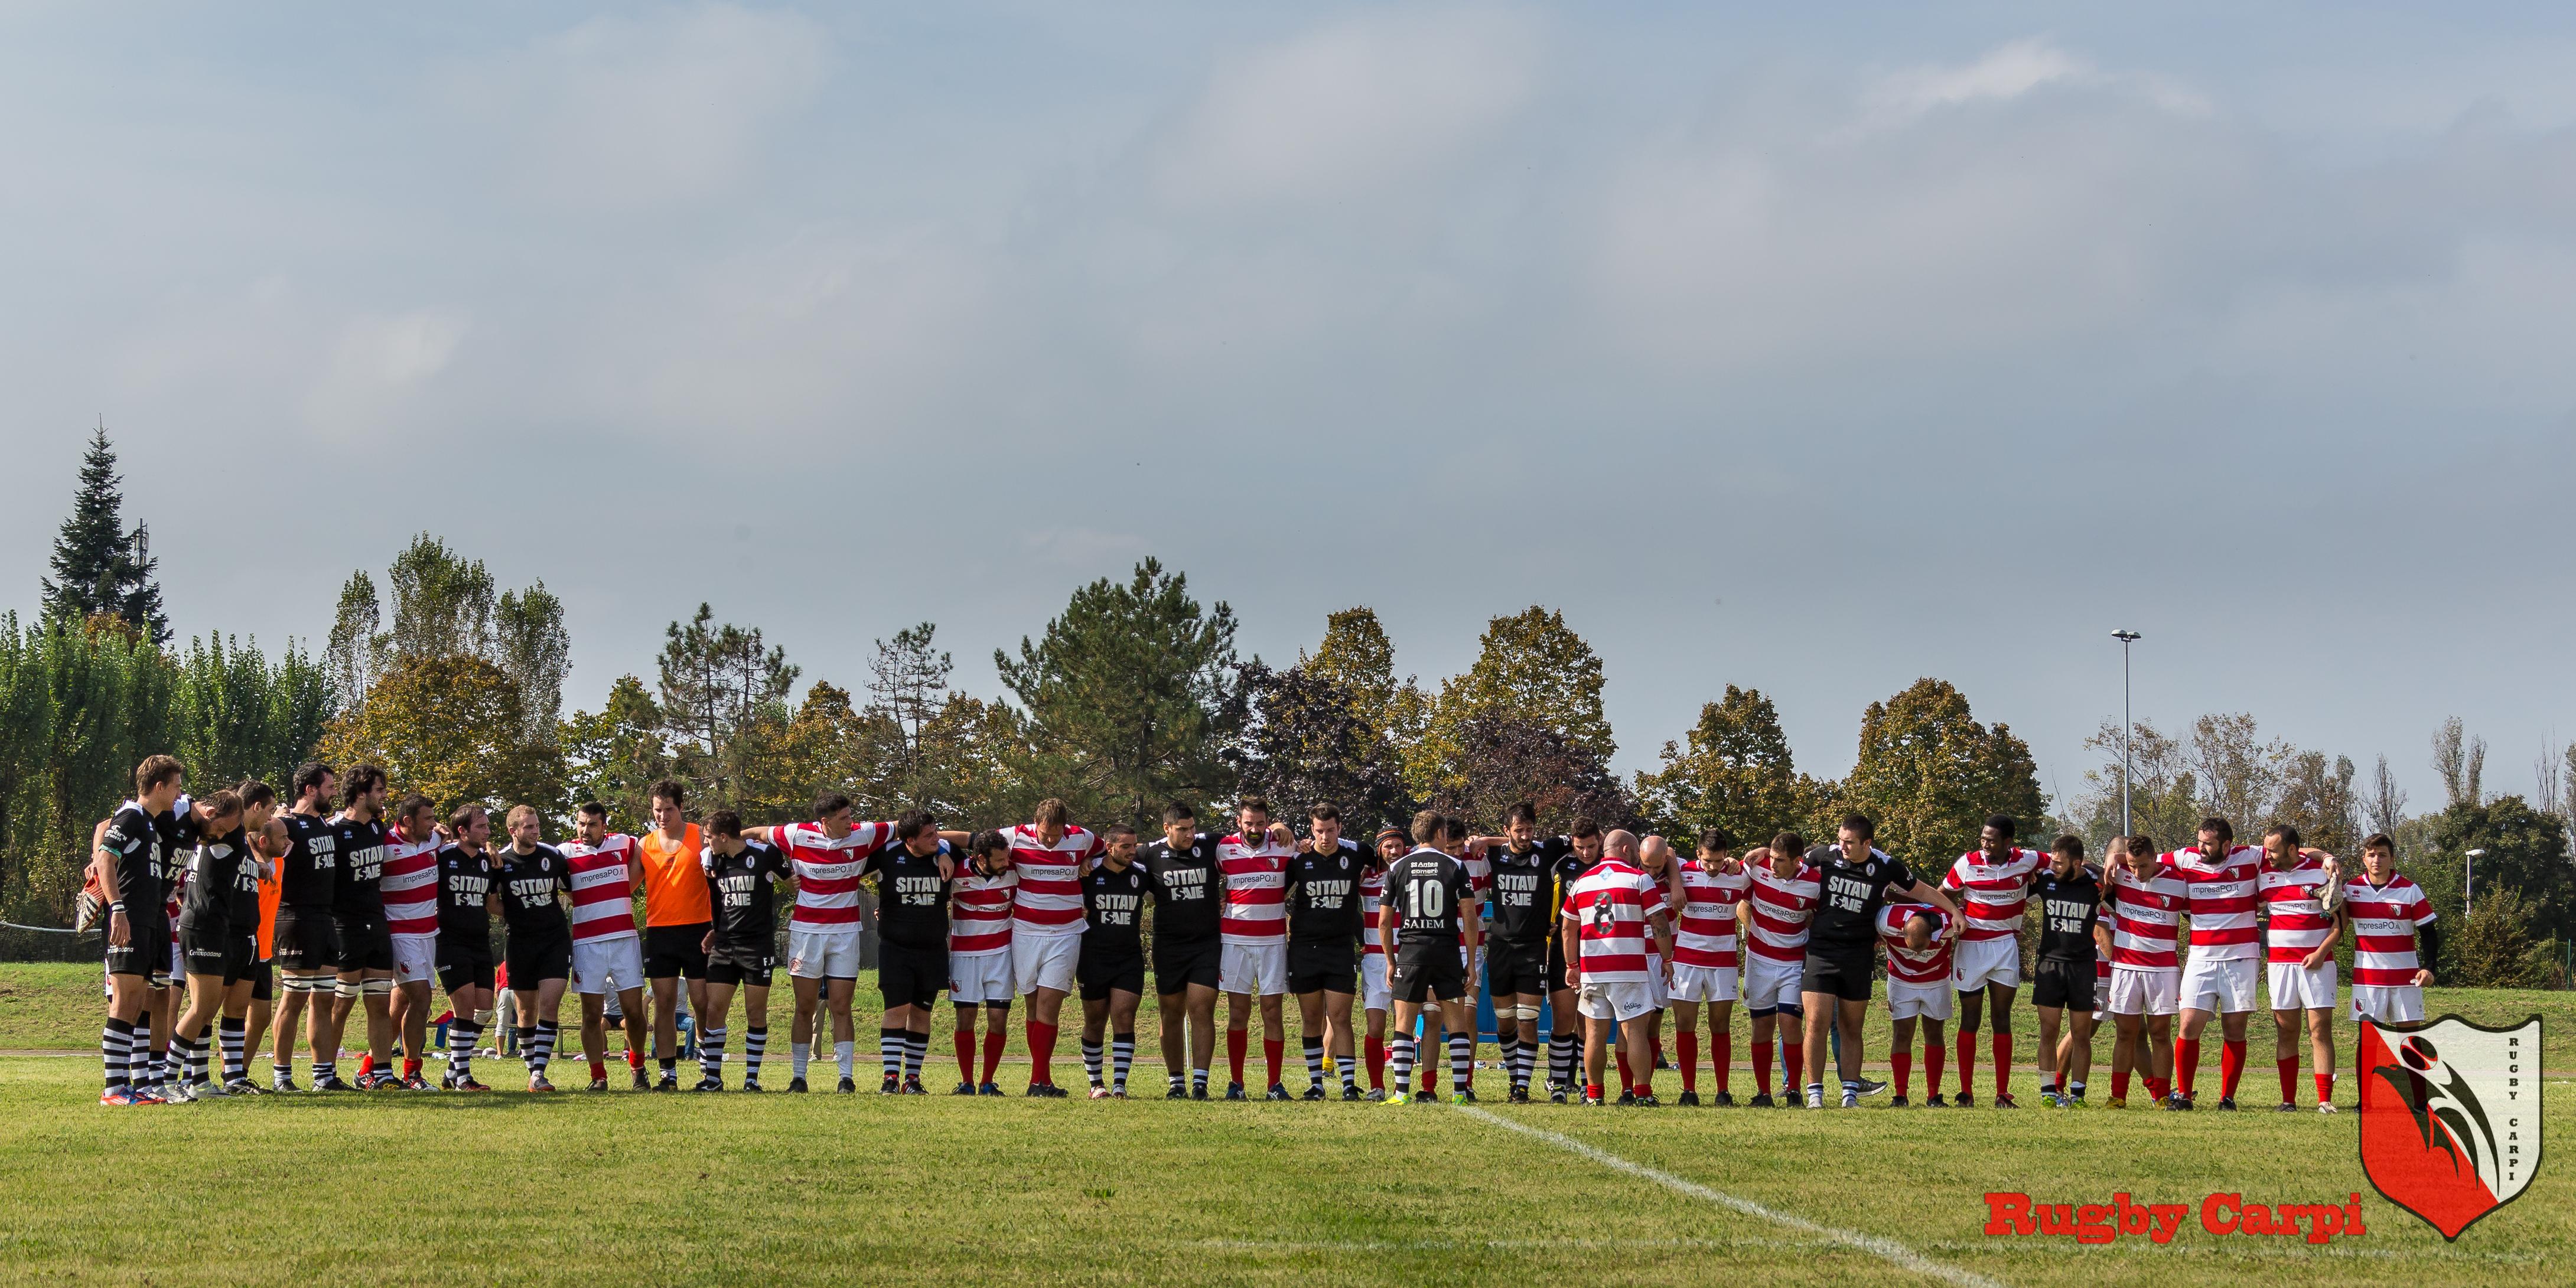 Sempre più social, sempre più Rugby Carpi